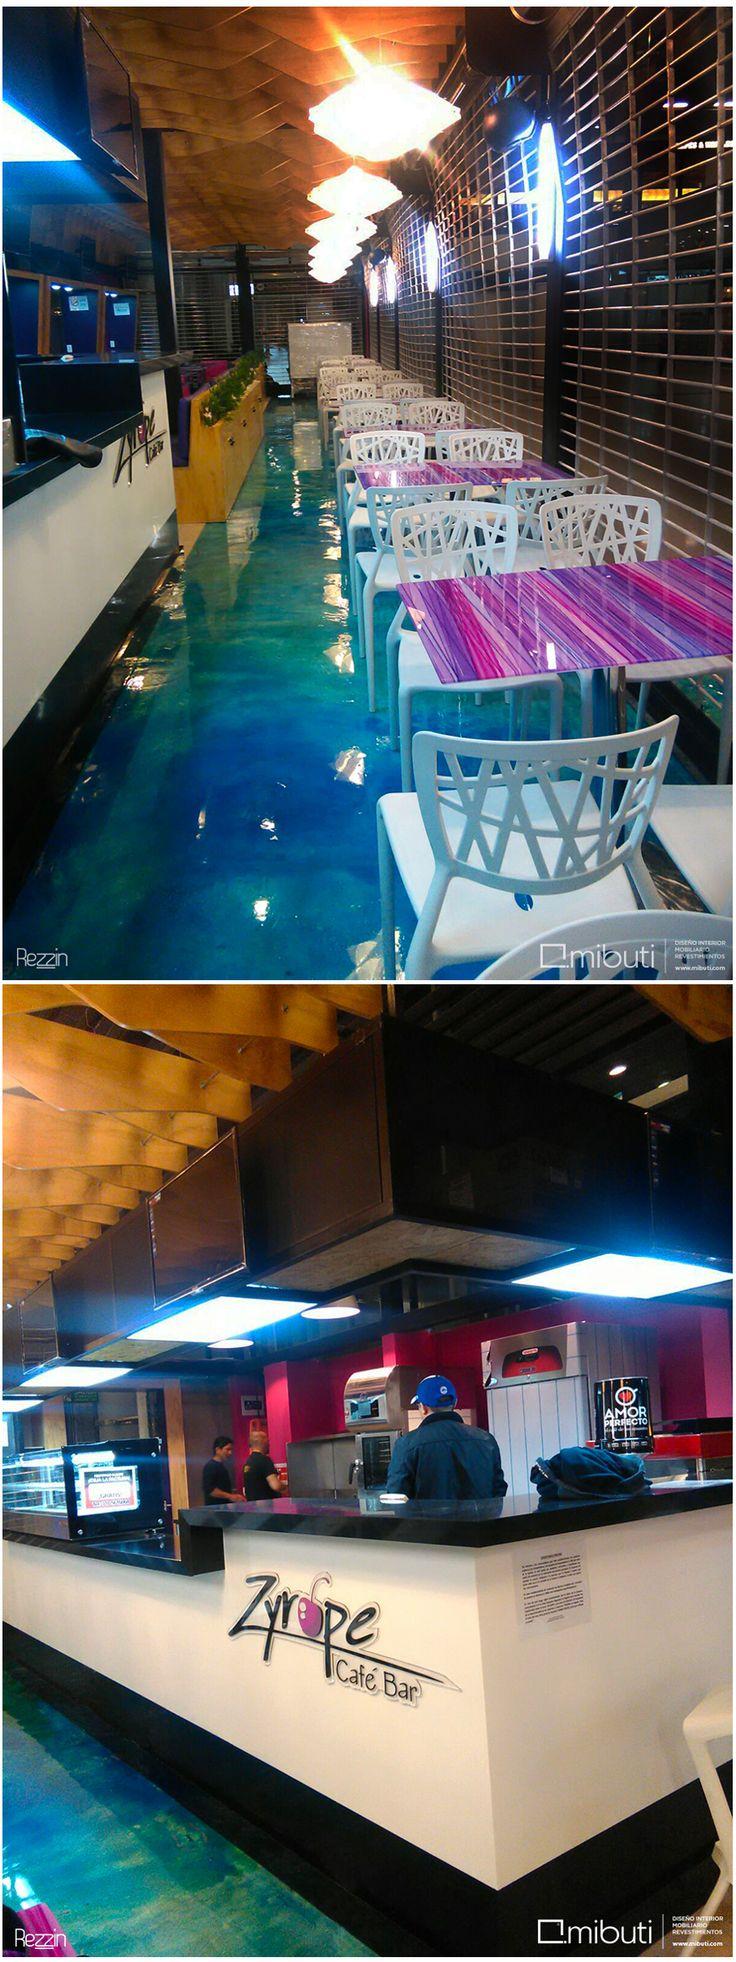 Piso revestido en #rezzin aguamarina con polvos metalizados plata by @Mibuti_R, proyecto de @susoruizlab en Zyrope Café Bar en aeropuerto Internacional El Dorado. @jggalera #diseñointerior #interiorismo #pisos #revestimiento #interior #resin #resinart #floorart #glossy #epoxi #resinfloor  #resindesign #artanddesign #interiordesign #resinartwork #decor #customfloor #coating